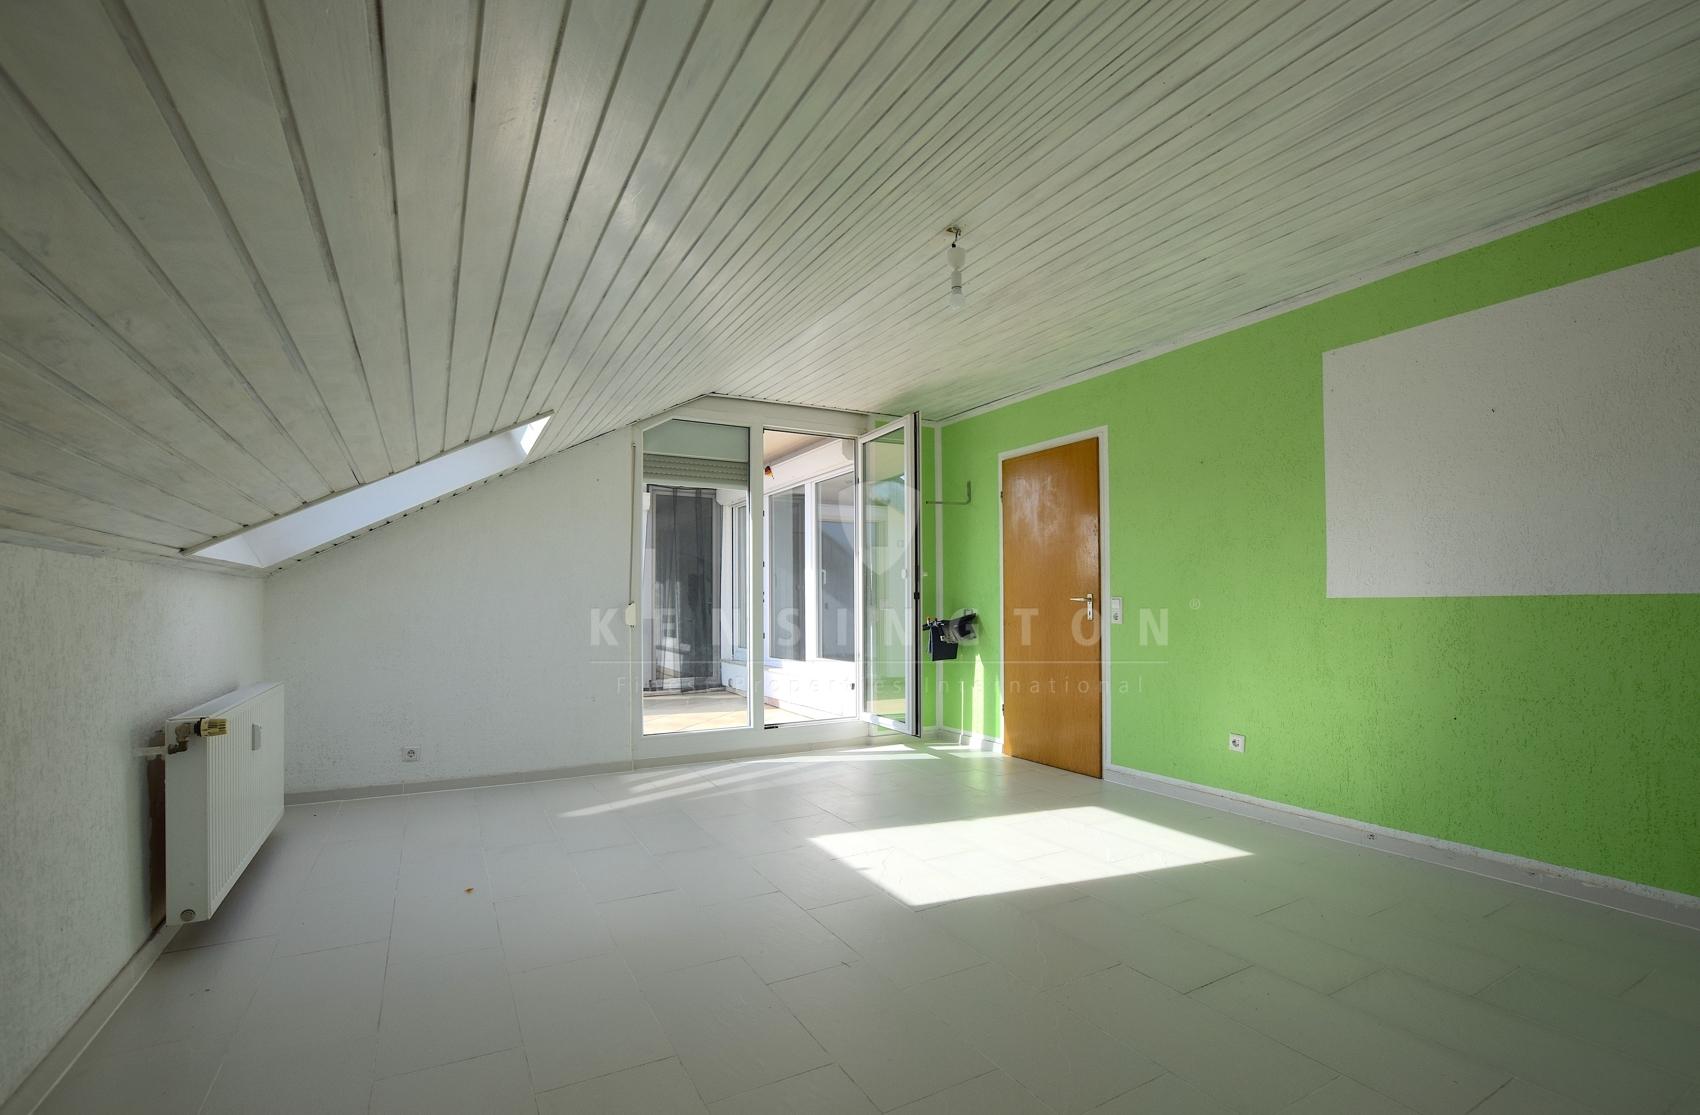 Großer Wohnbereich mit viel Gestaltungsfreiheit